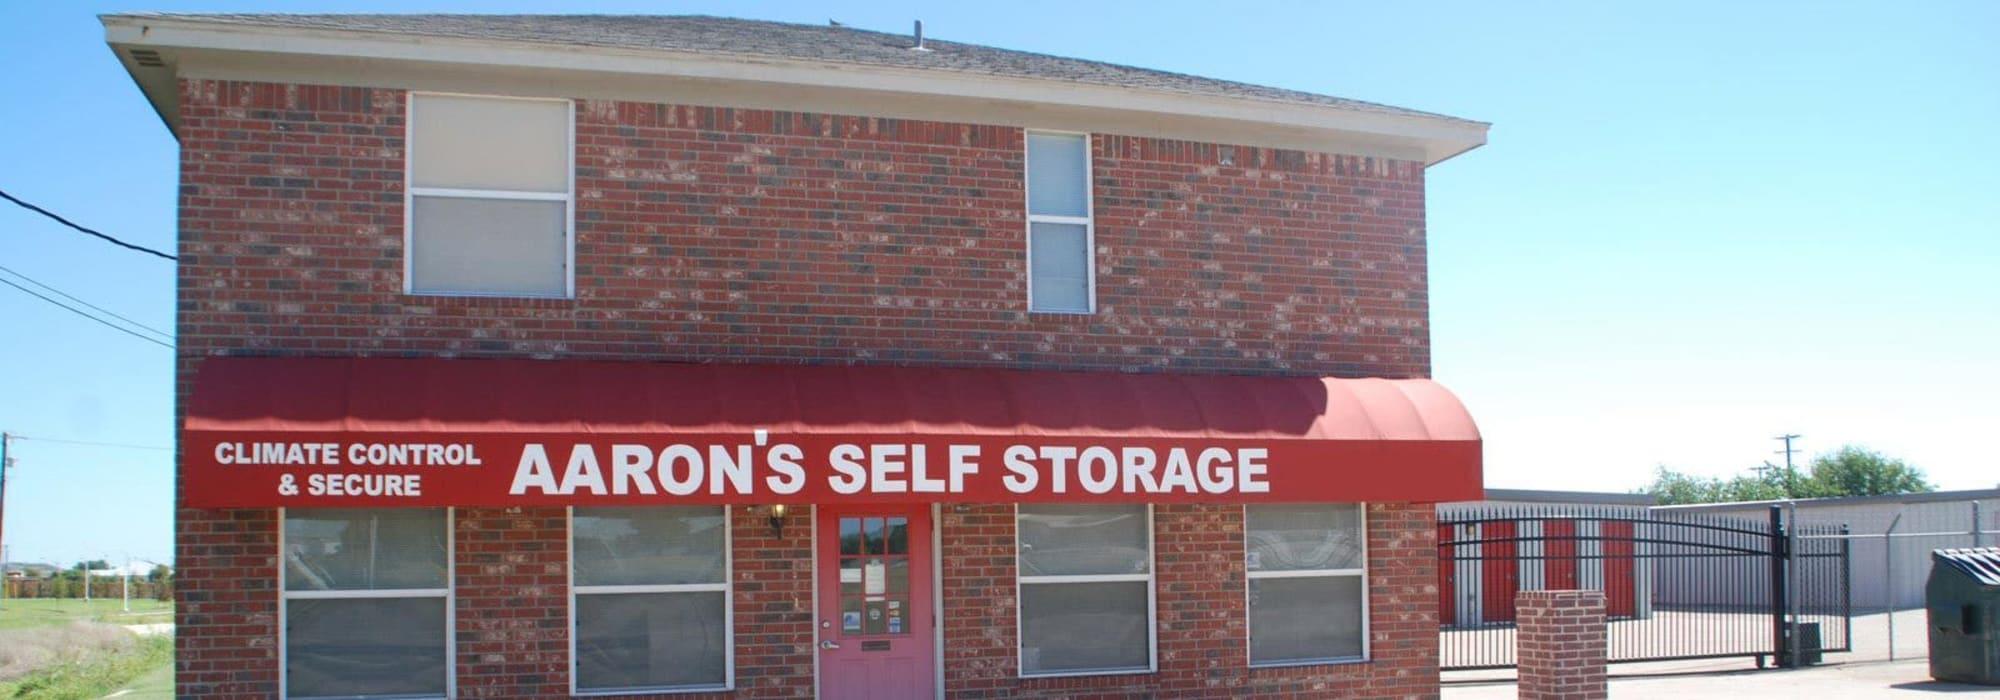 Aarons Self Storage 1 self storage in Waco, Texas